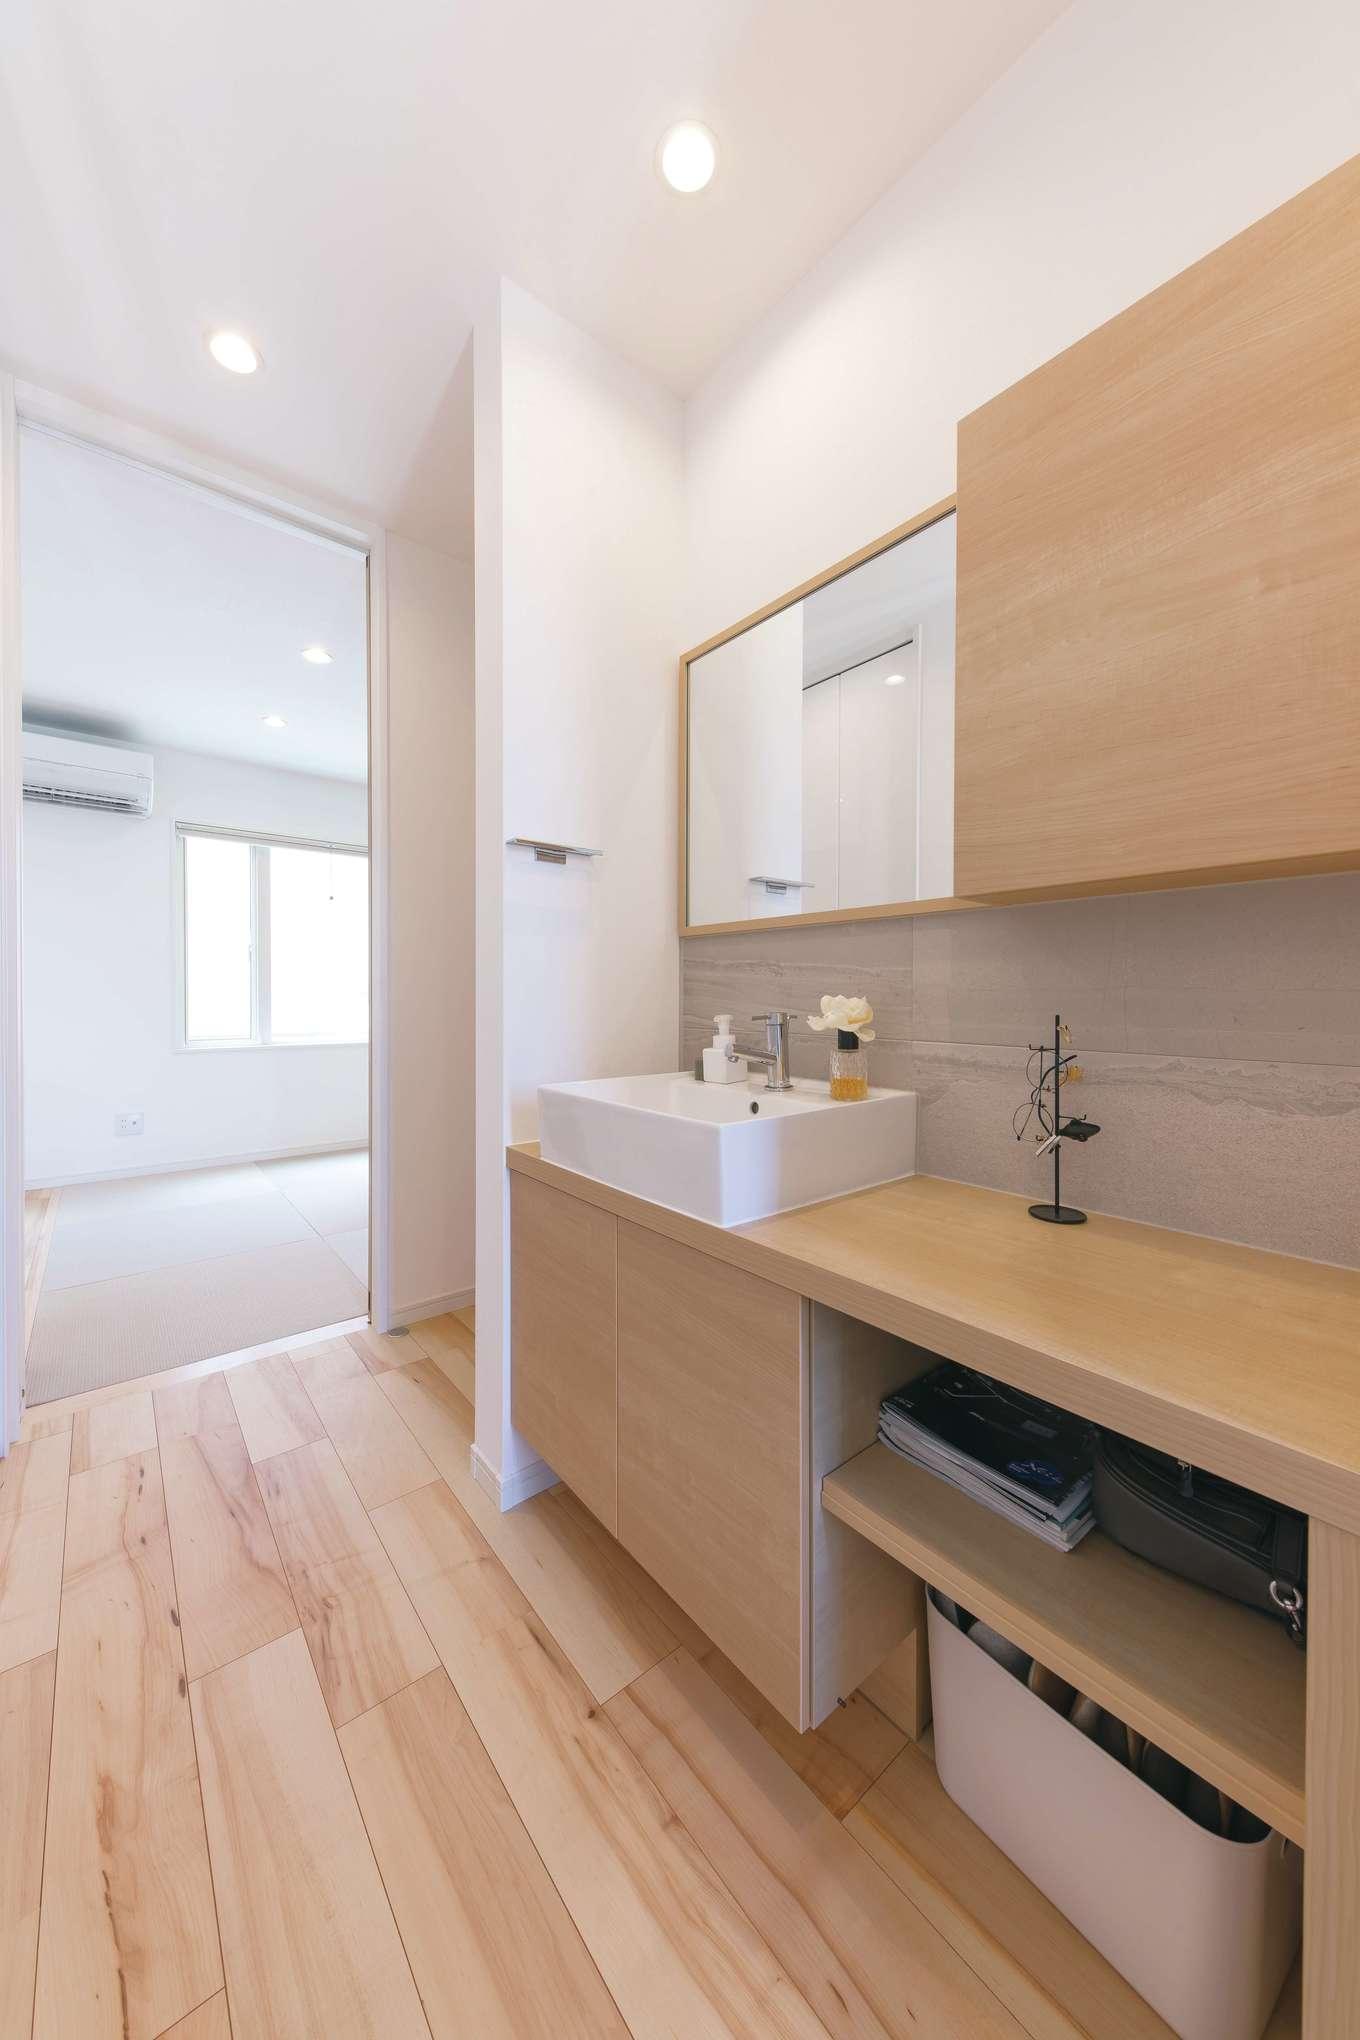 玄関から近い場所に洗面台を設け、子どもが帰宅してすぐに手を洗う習慣を促す